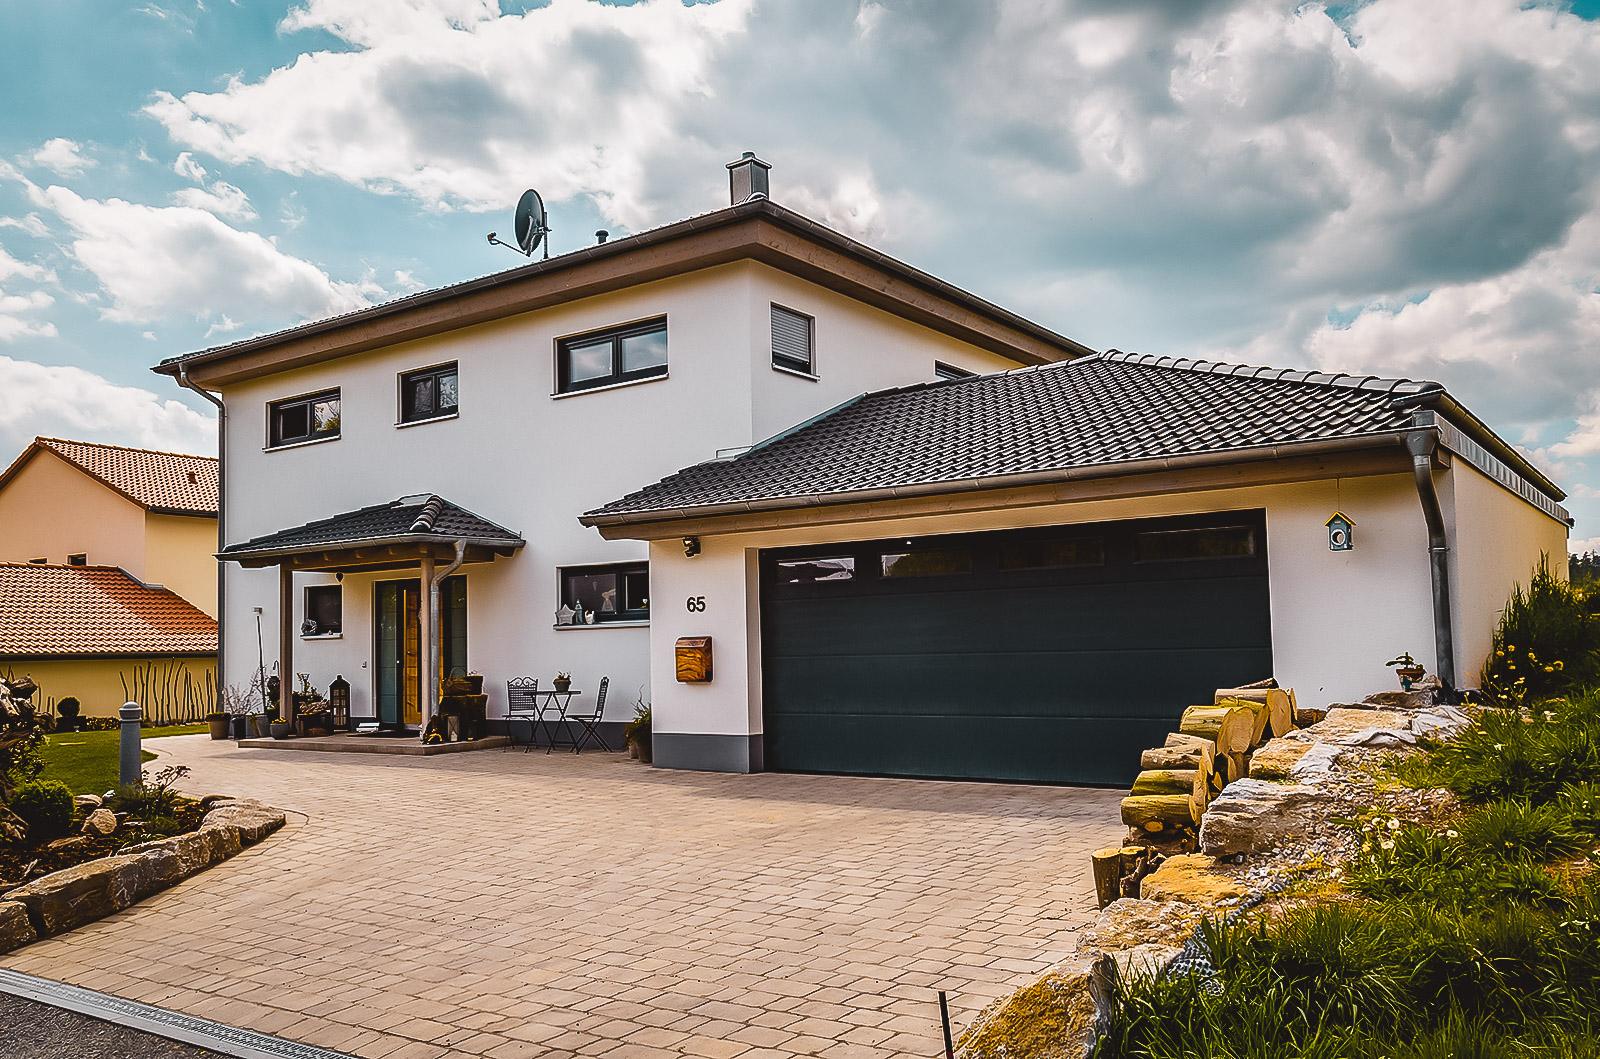 Holzbau Schorr Einfamilienhaus Kunden 4